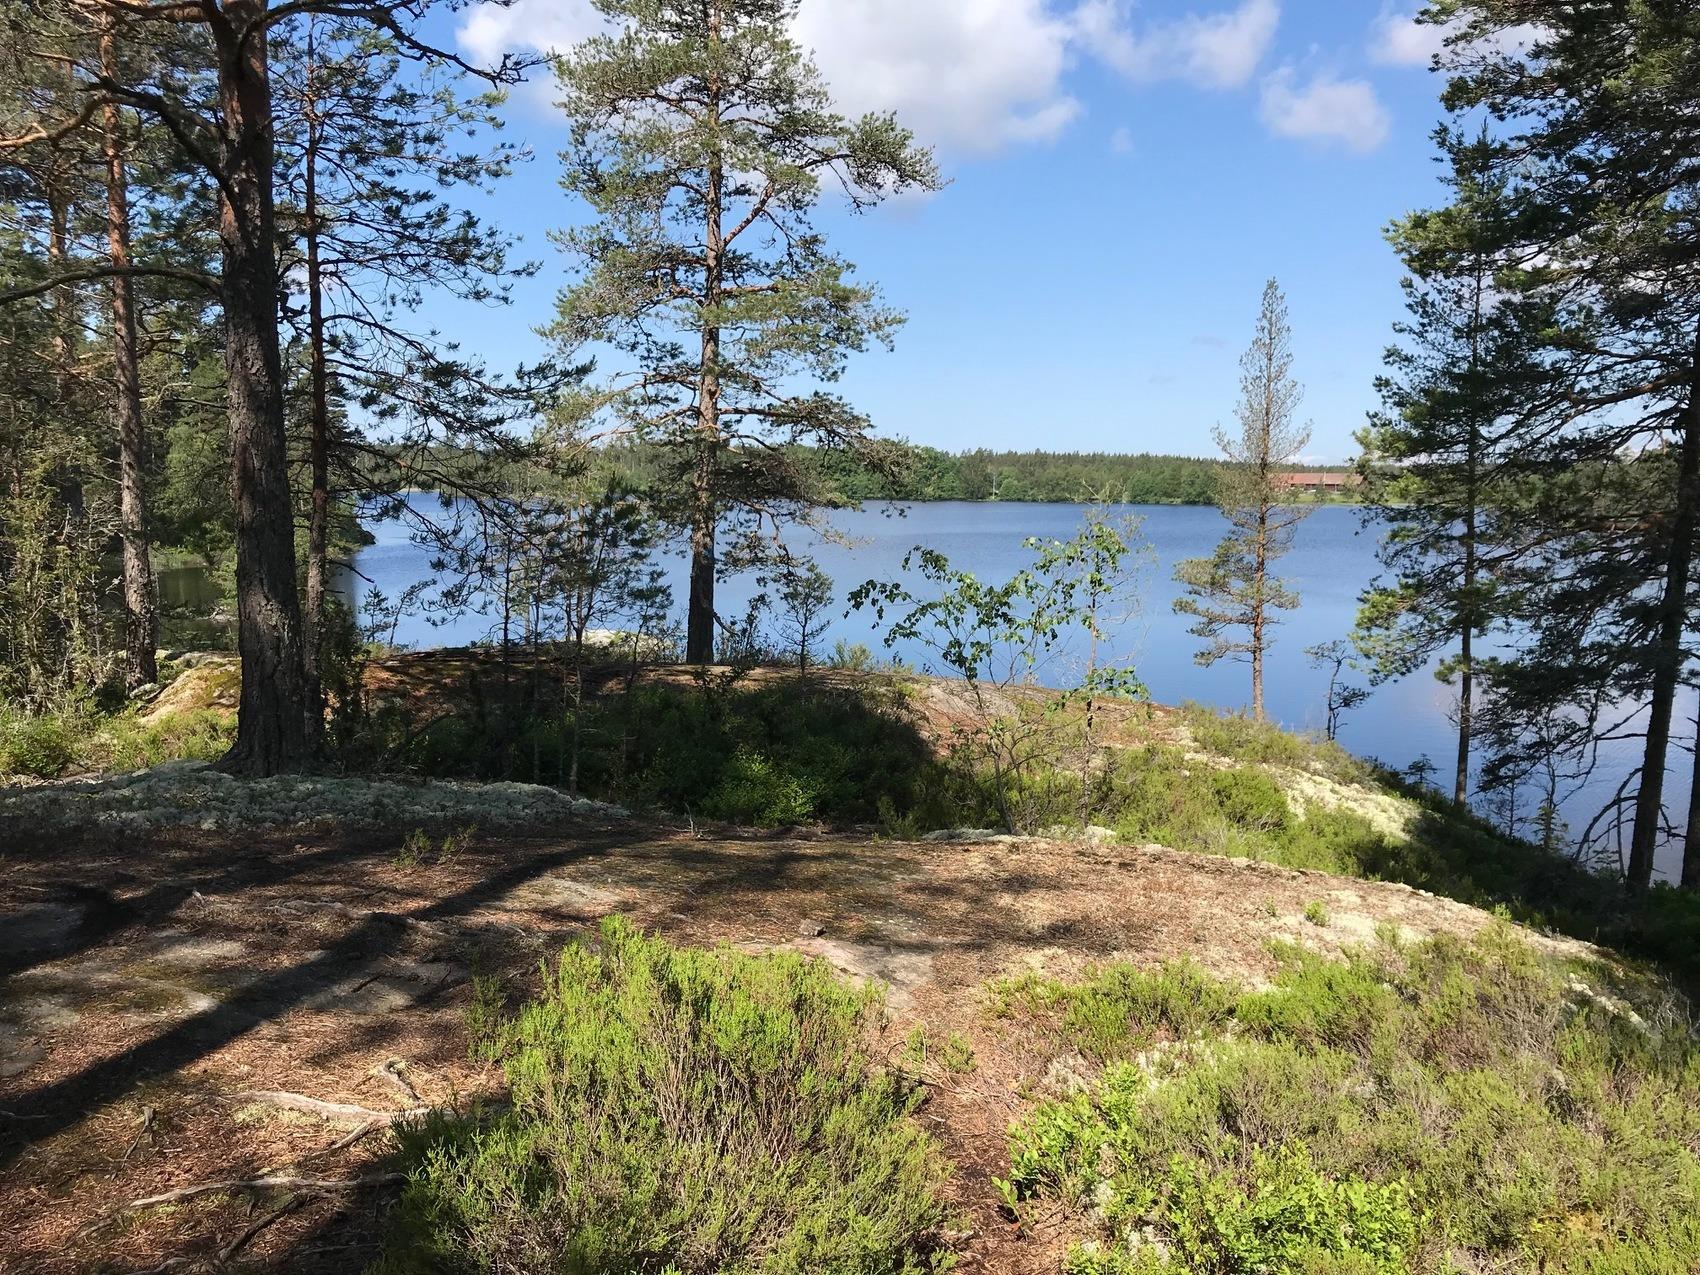 Solig klippa med skog och vatten.